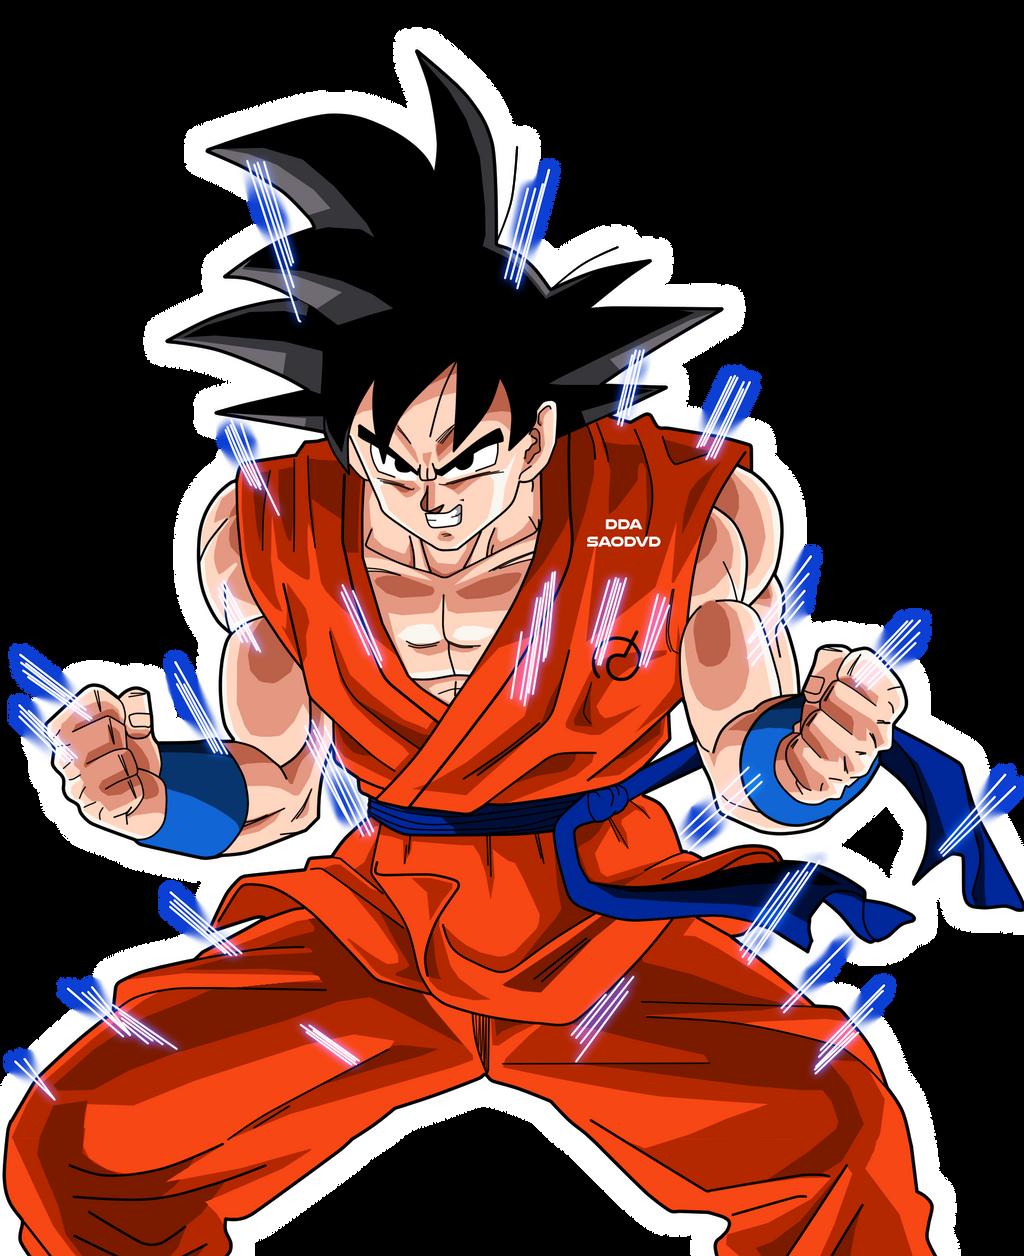 Gif animé de Goku et des images gratuites ~ Gifmania